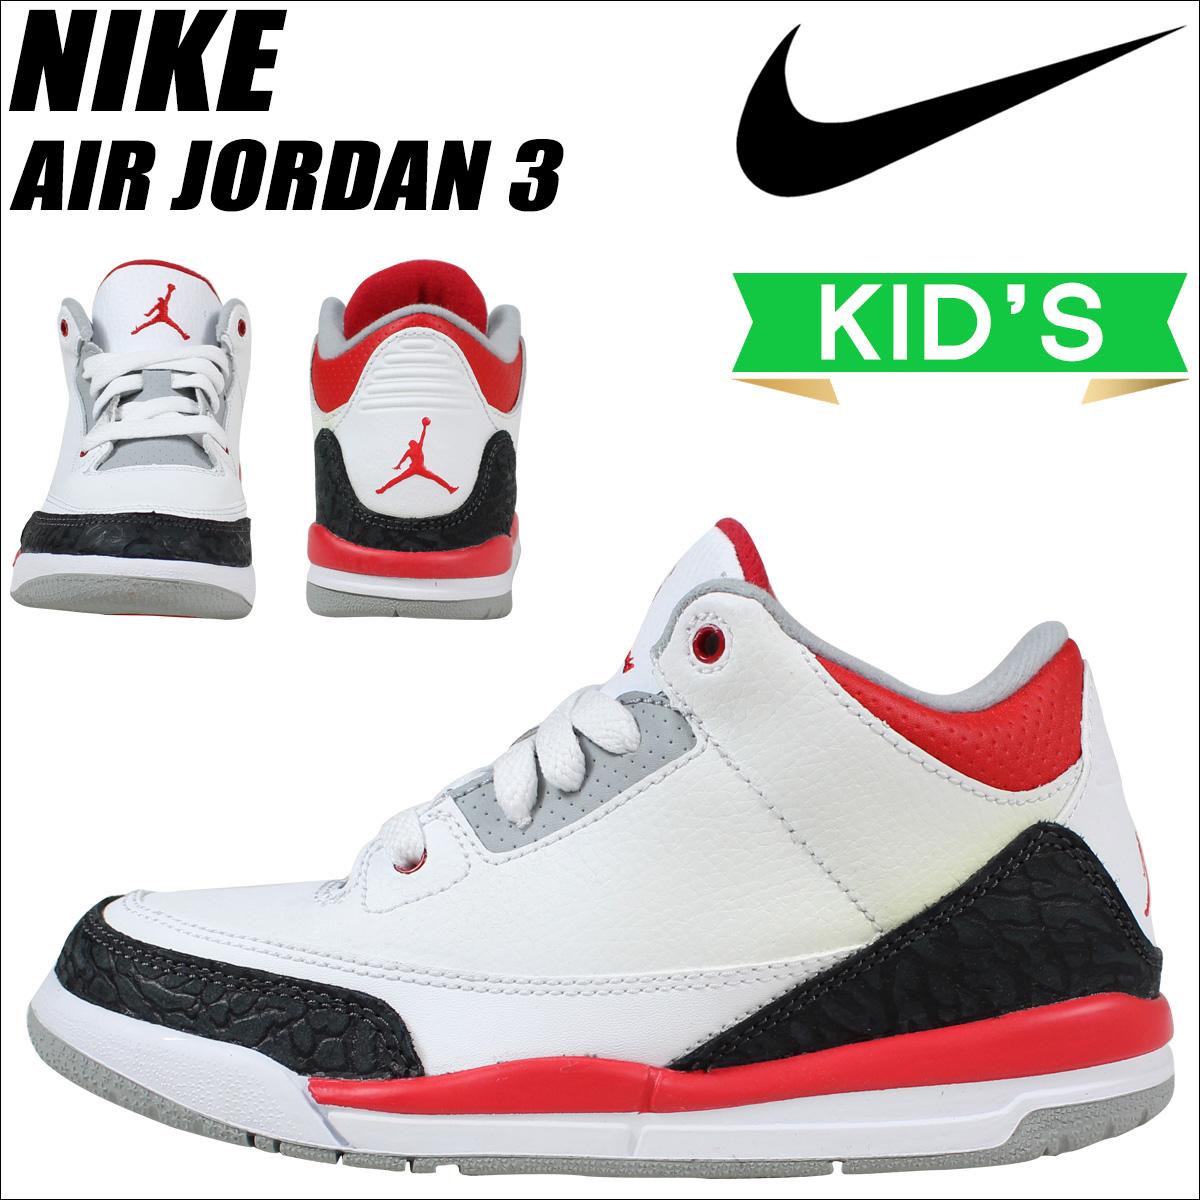 nike air jordan kids kingdom